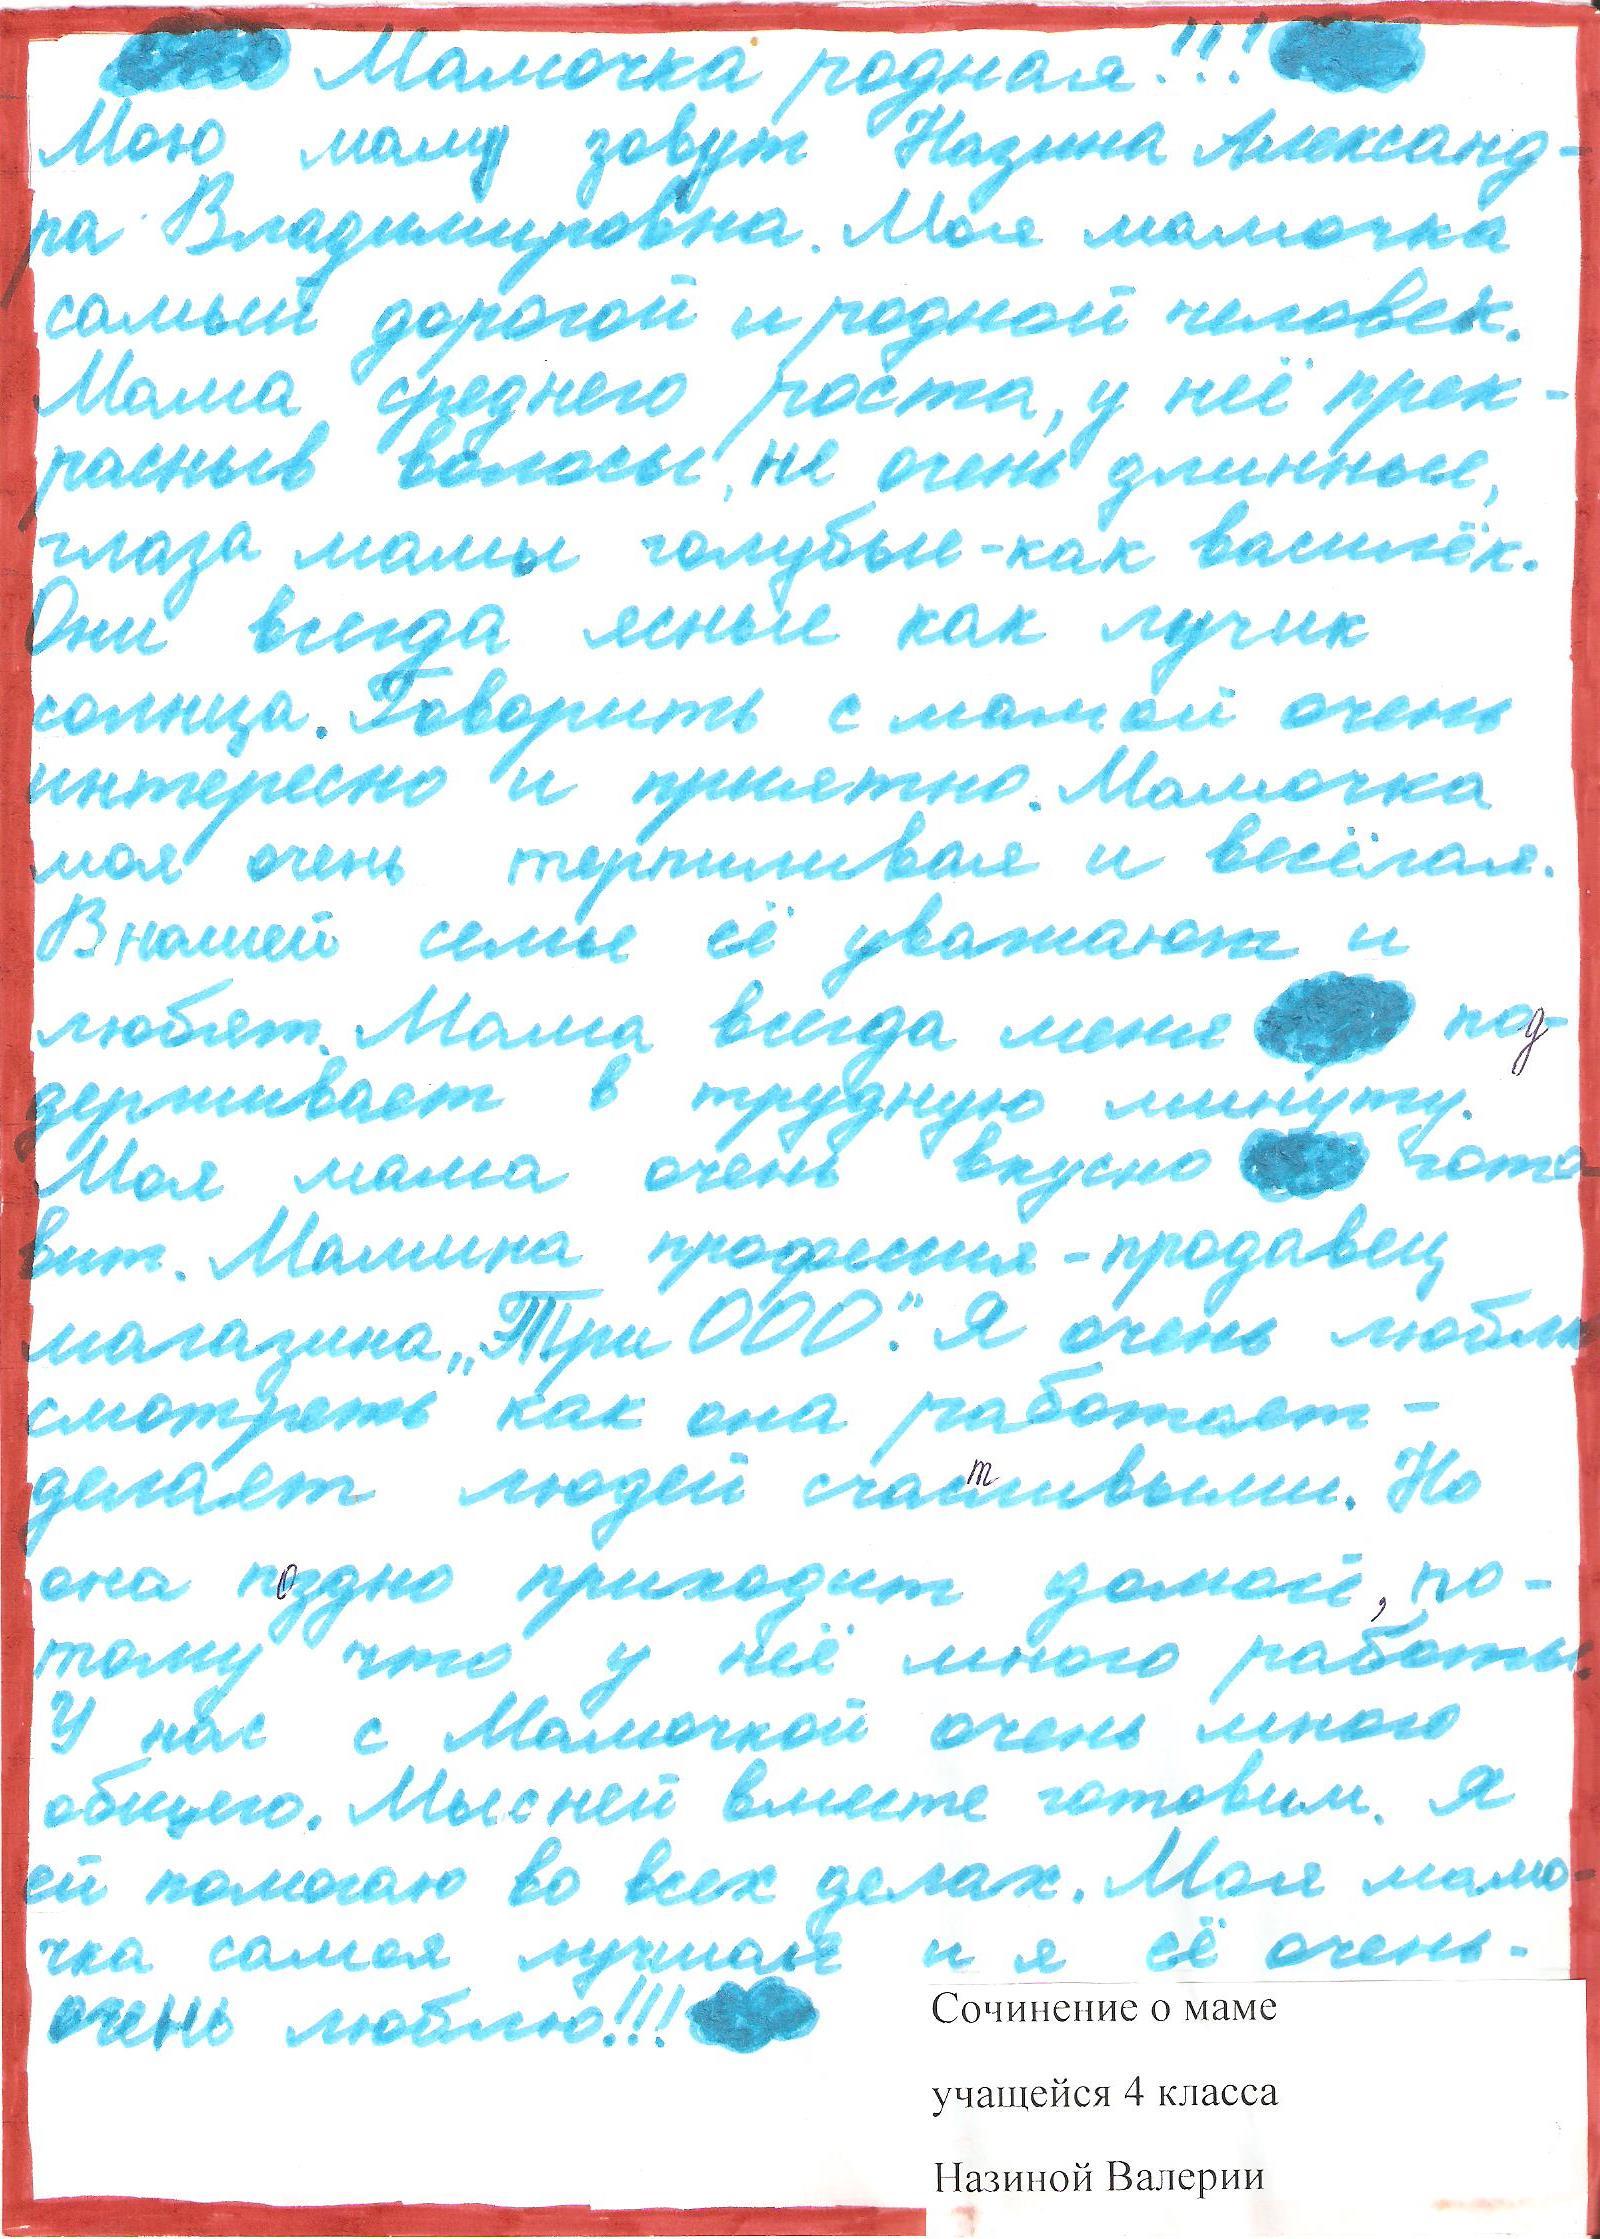 C:\Users\11\Desktop\стихотворения и сочинения о маме\003.jpg